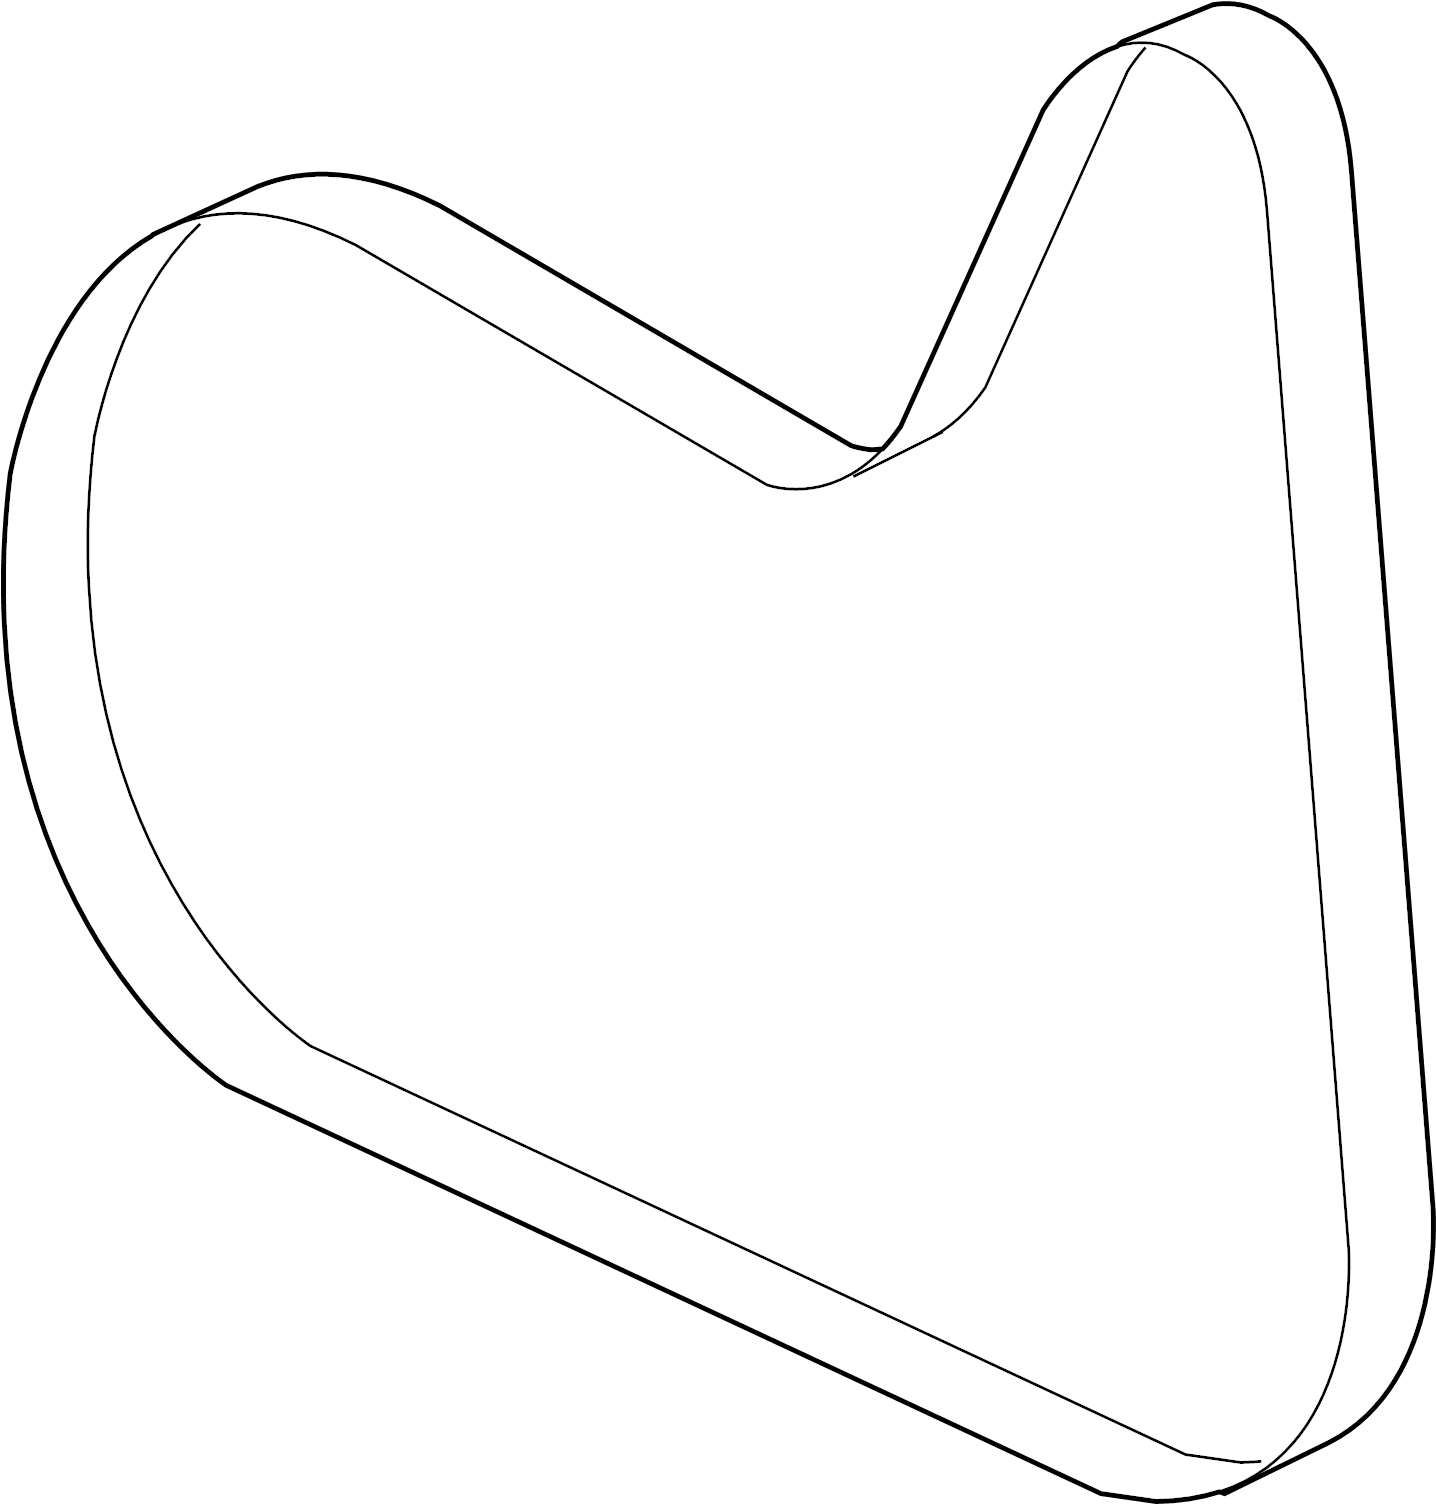 Saturn Aura Serpentine Belt